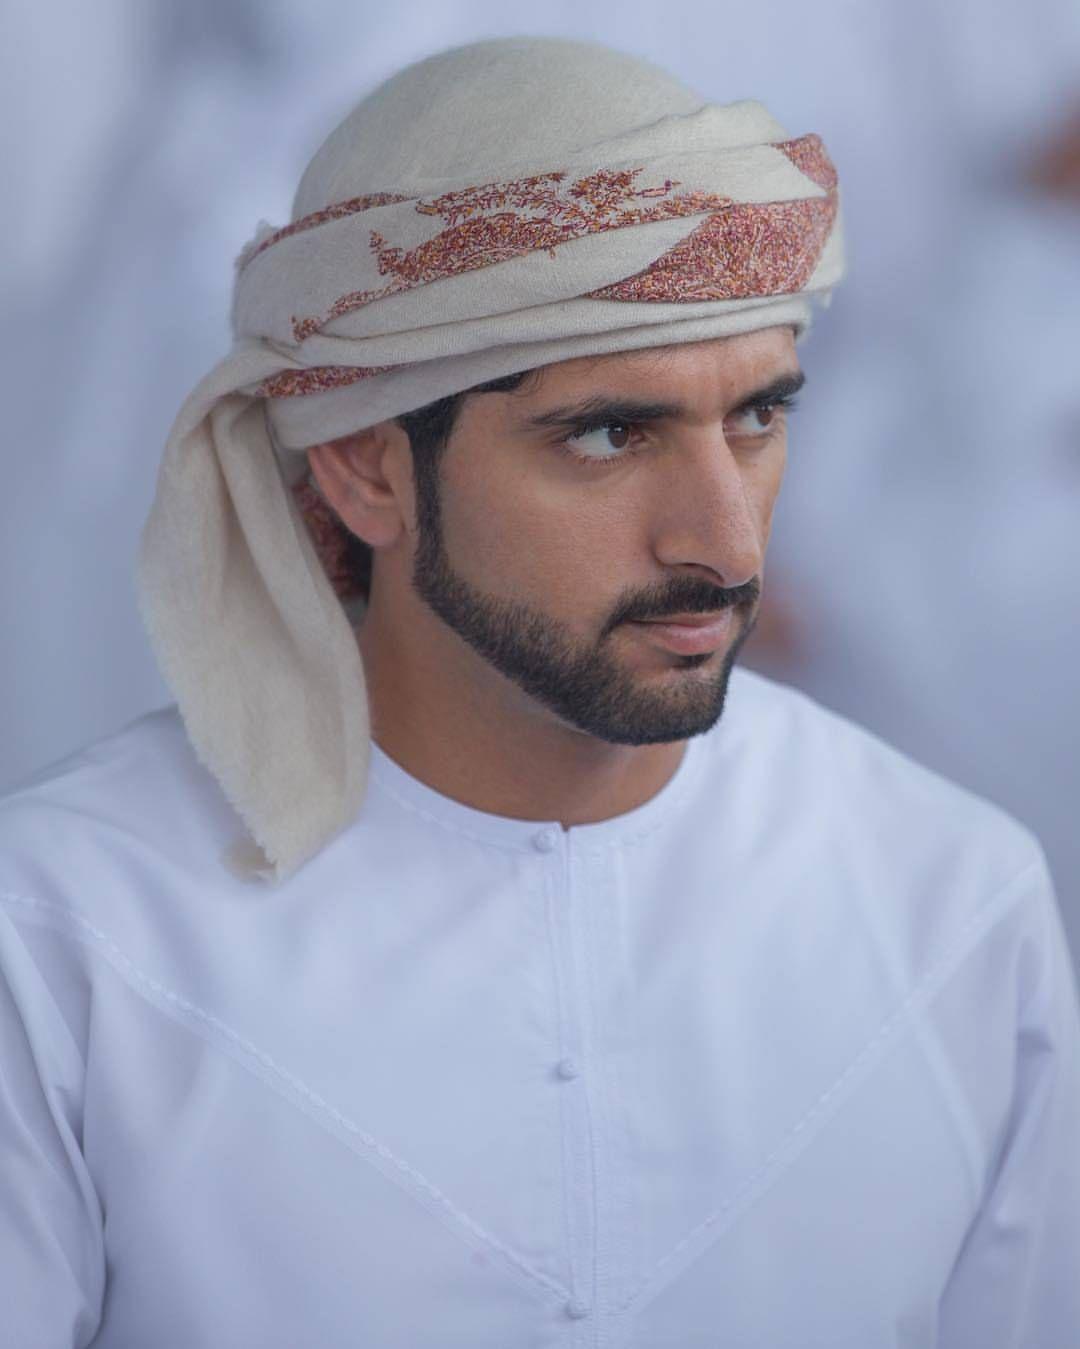 ด ร ปภาพ Instagram น จาก Fazza Forum ถ กใจ 1 293 คน Arab Men Fashion Handsome Arab Men Arab Men